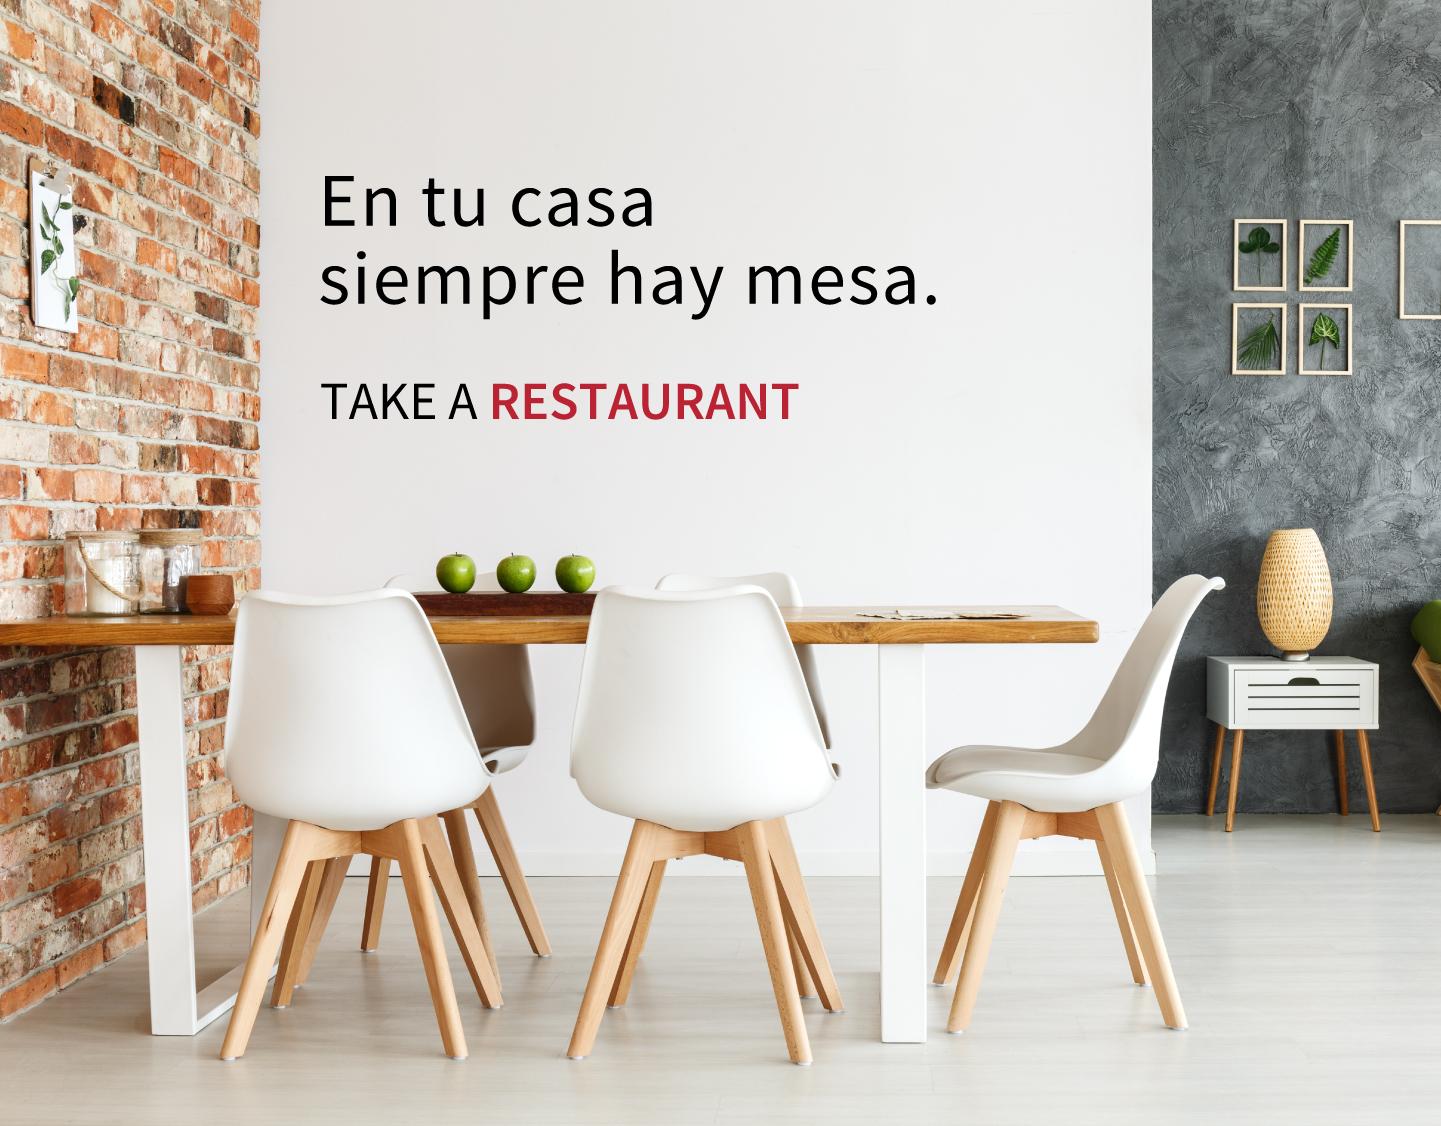 Nace Take a Restaurant, la plataforma que traslada la experiencia de un restaurante a tu casa